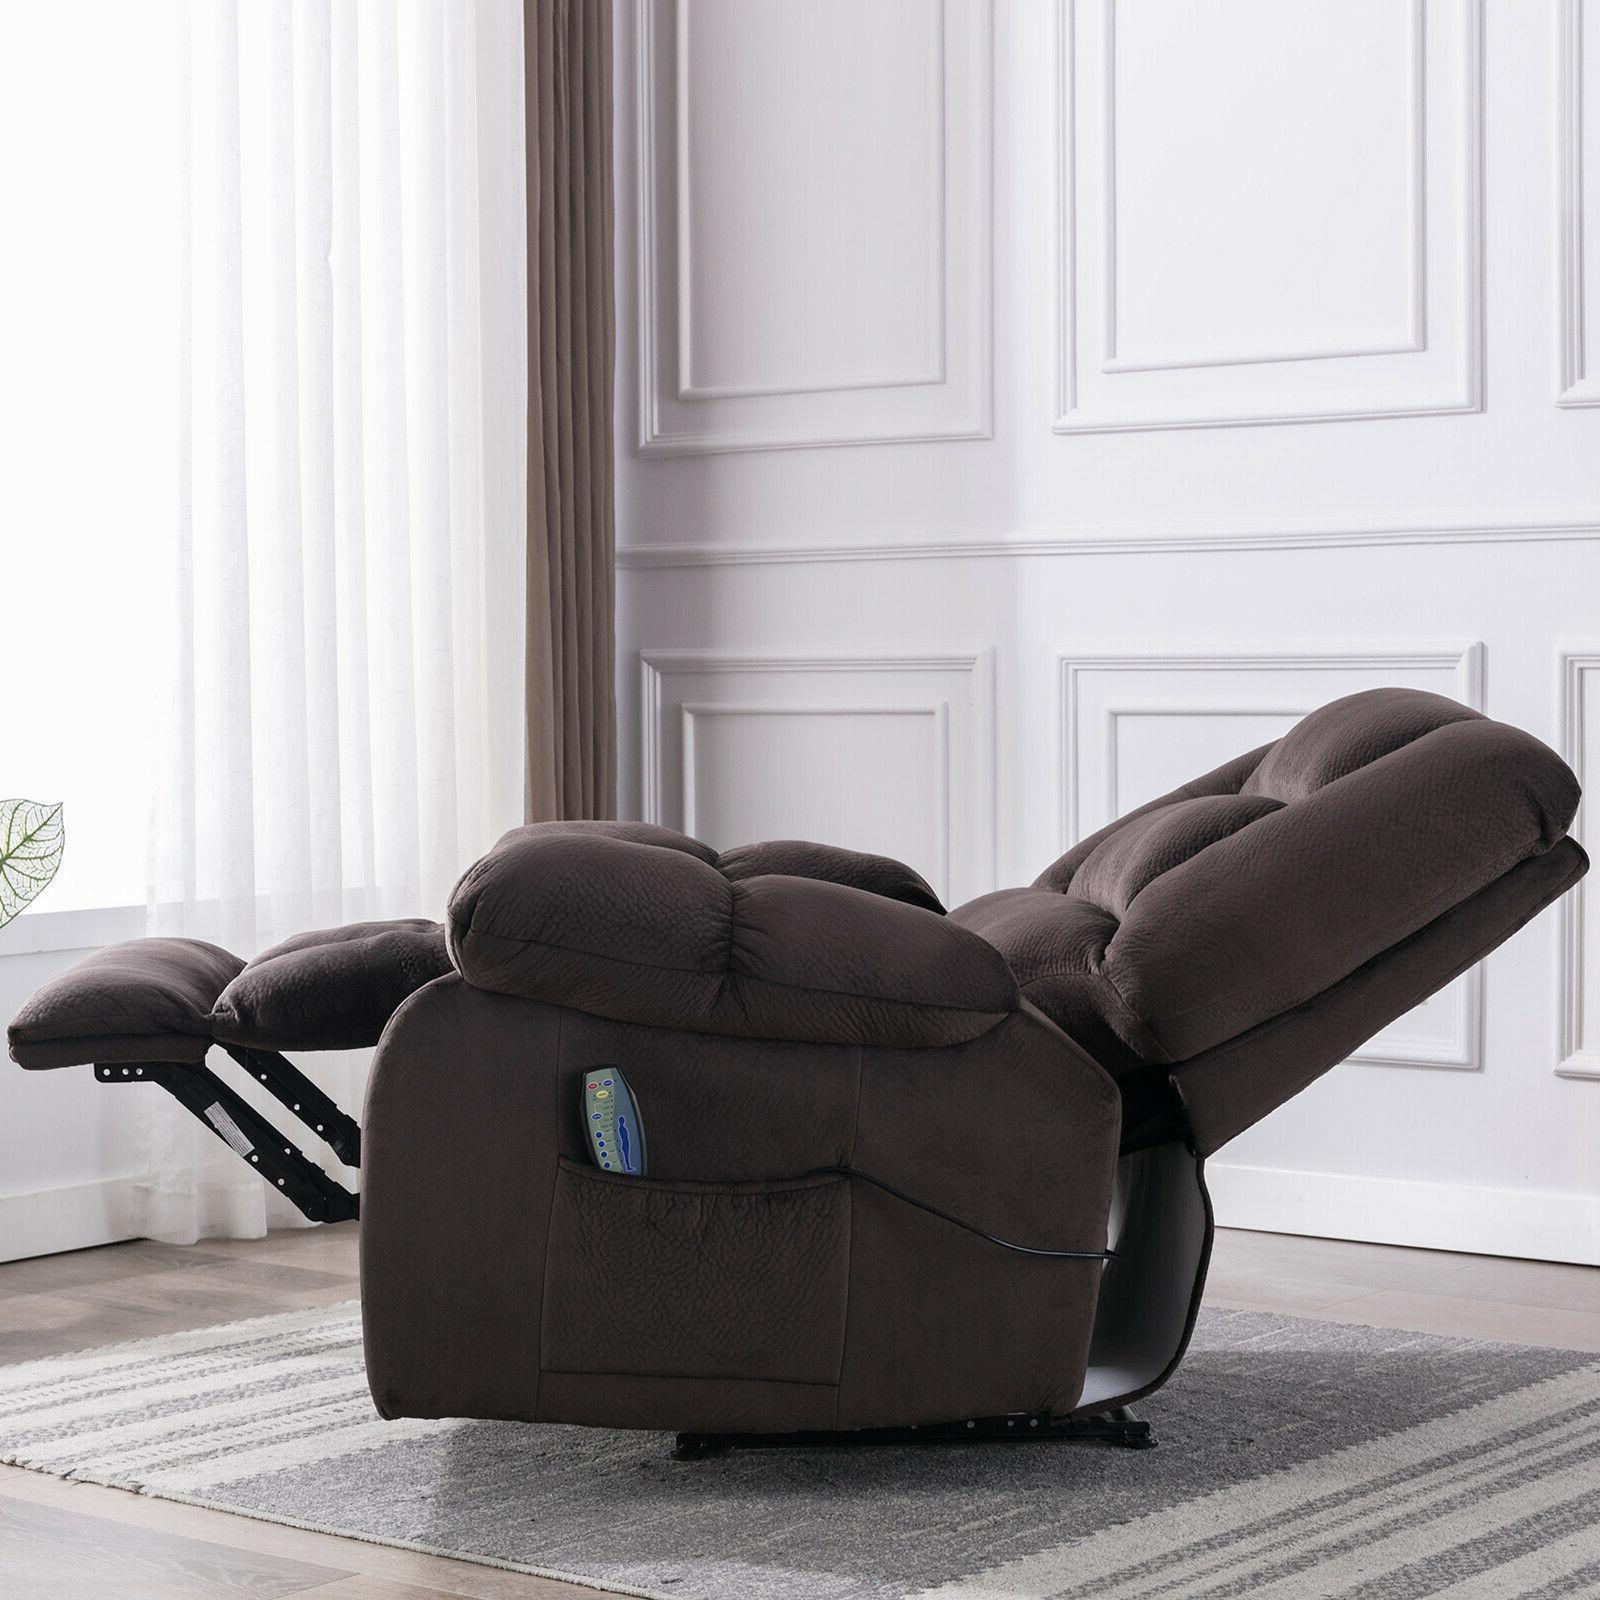 Massage Chair With Massage Heat